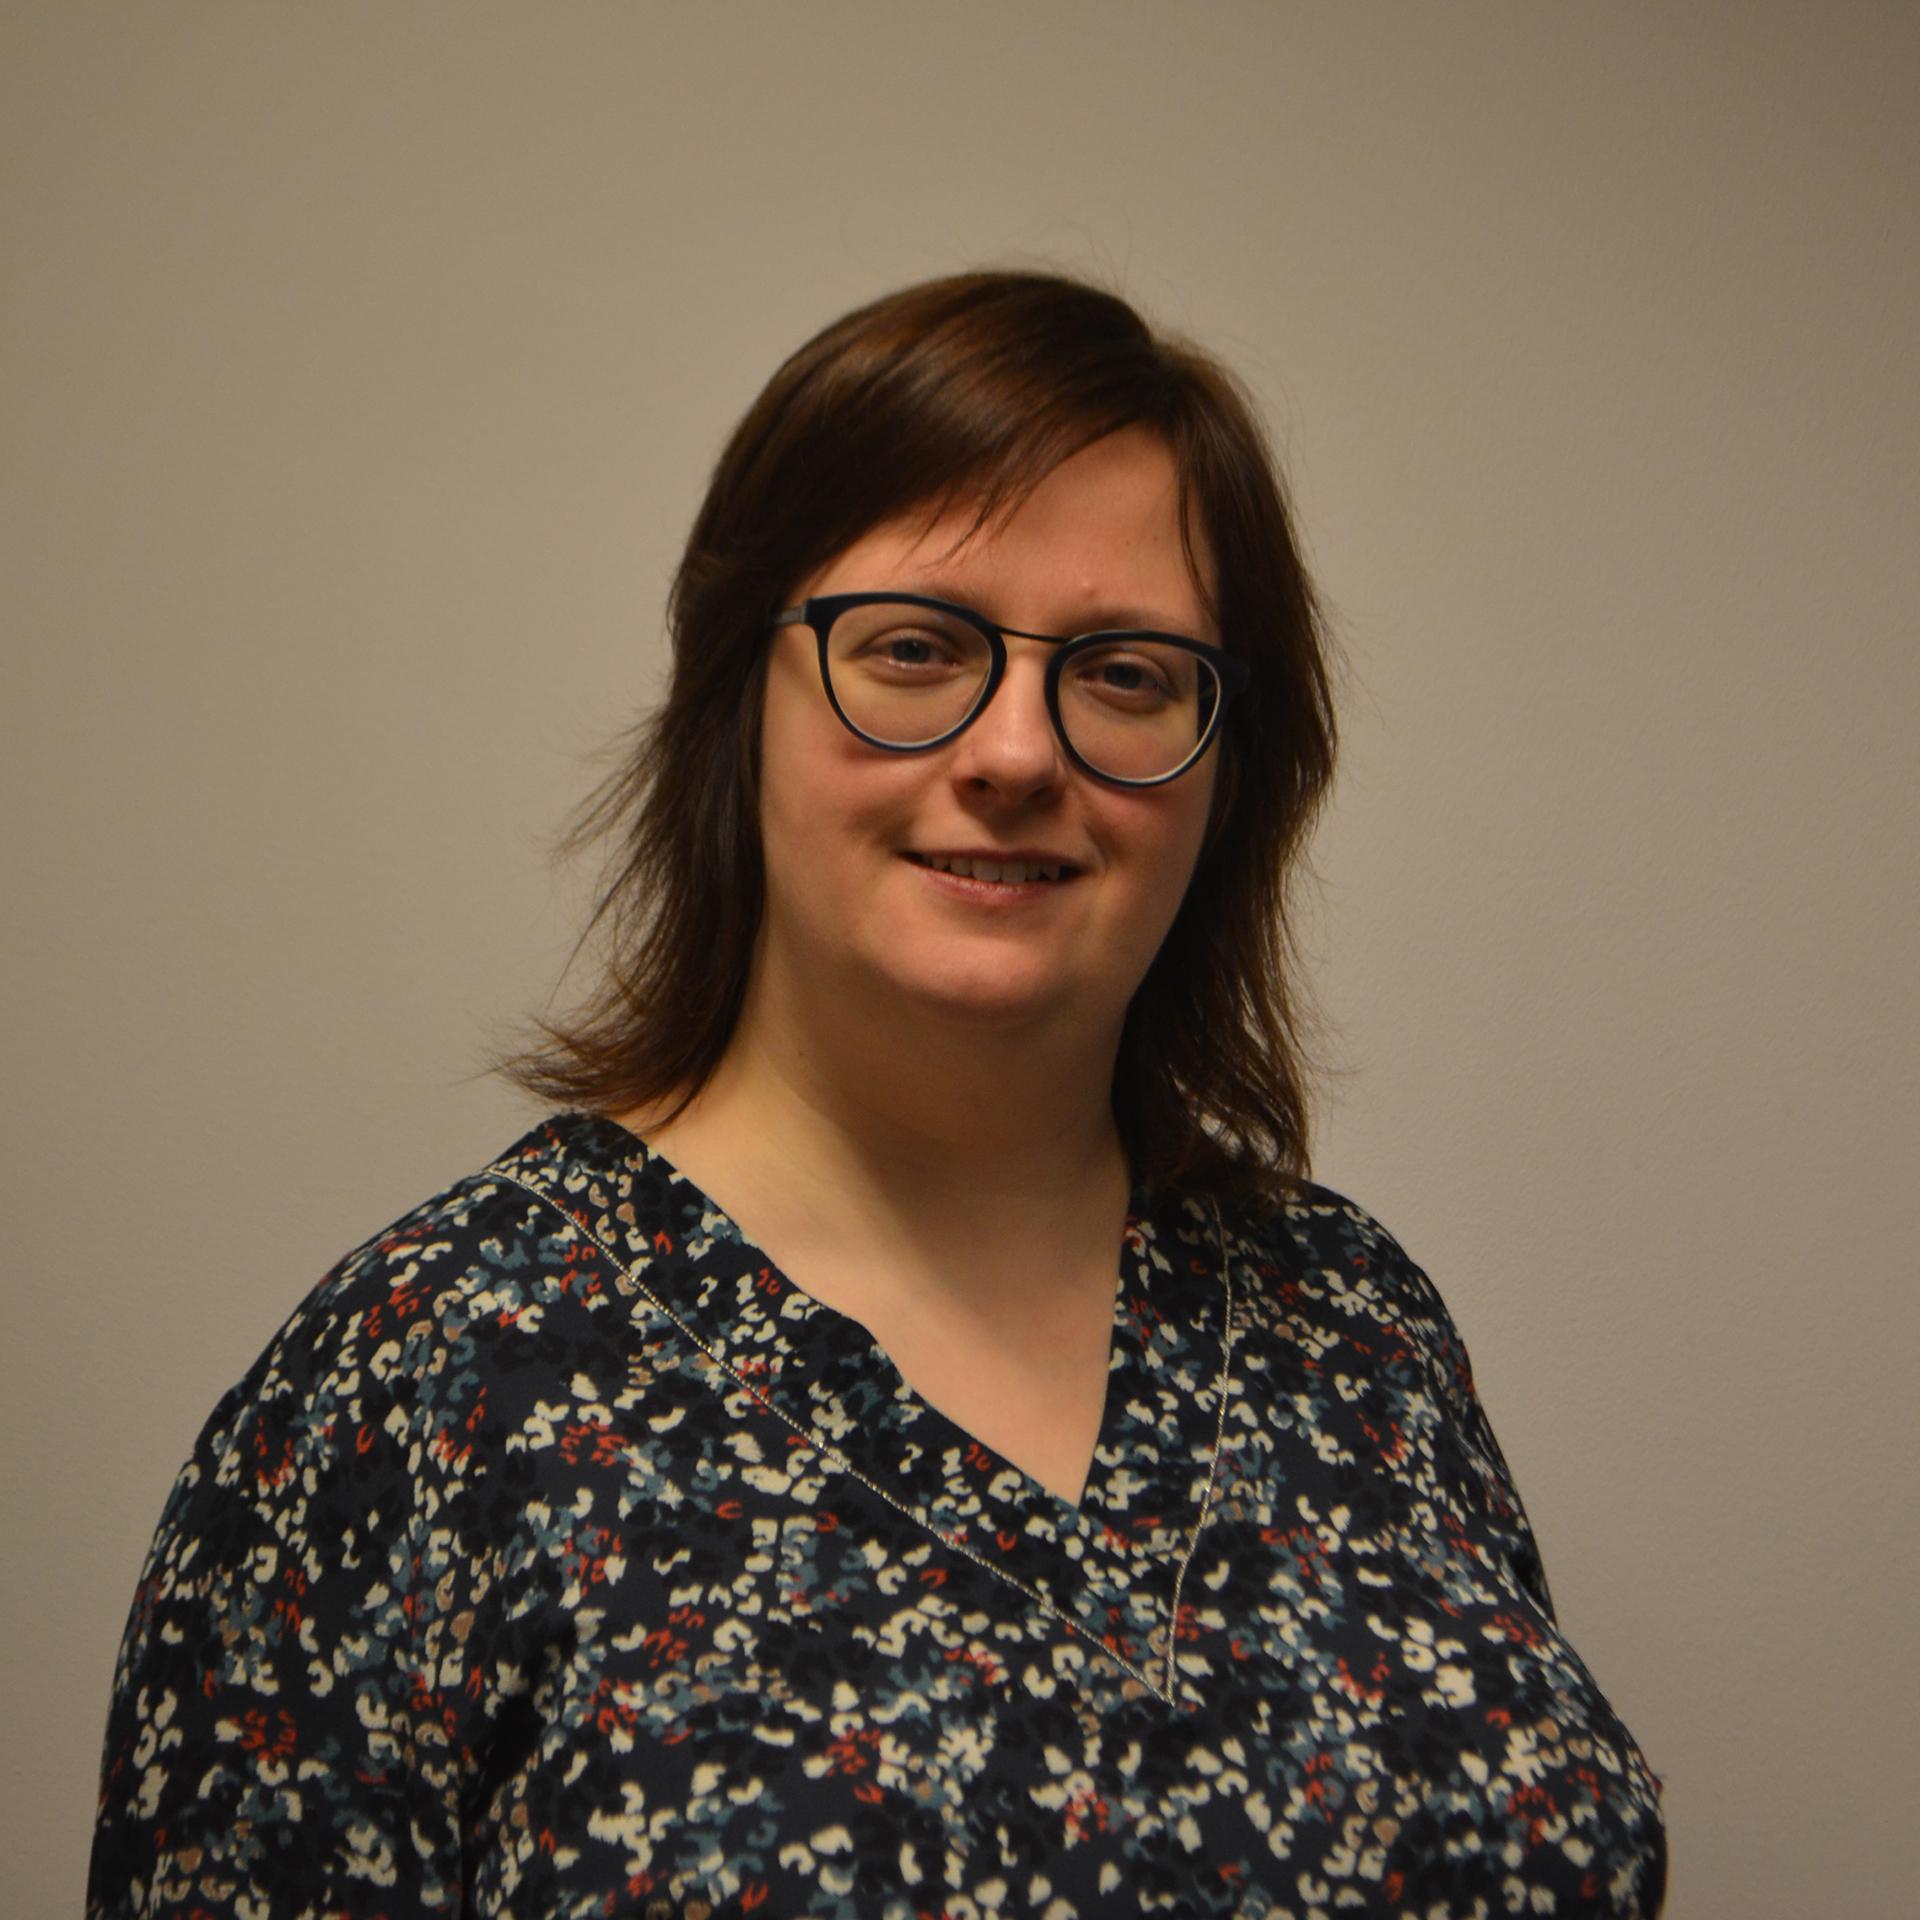 Dr. Sofie De Becker